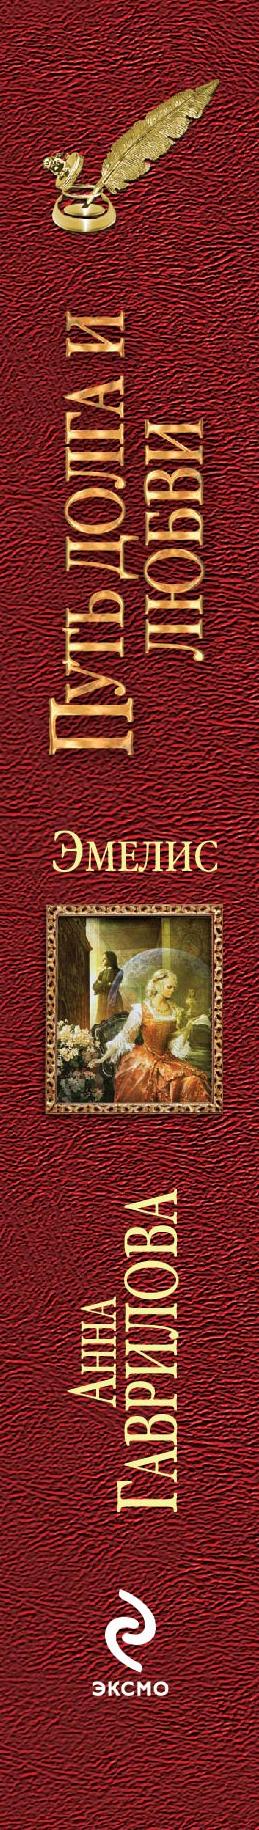 ЭМЕЛИС ПУТЬ ДОЛГА И ЛЮБВИ СКАЧАТЬ БЕСПЛАТНО